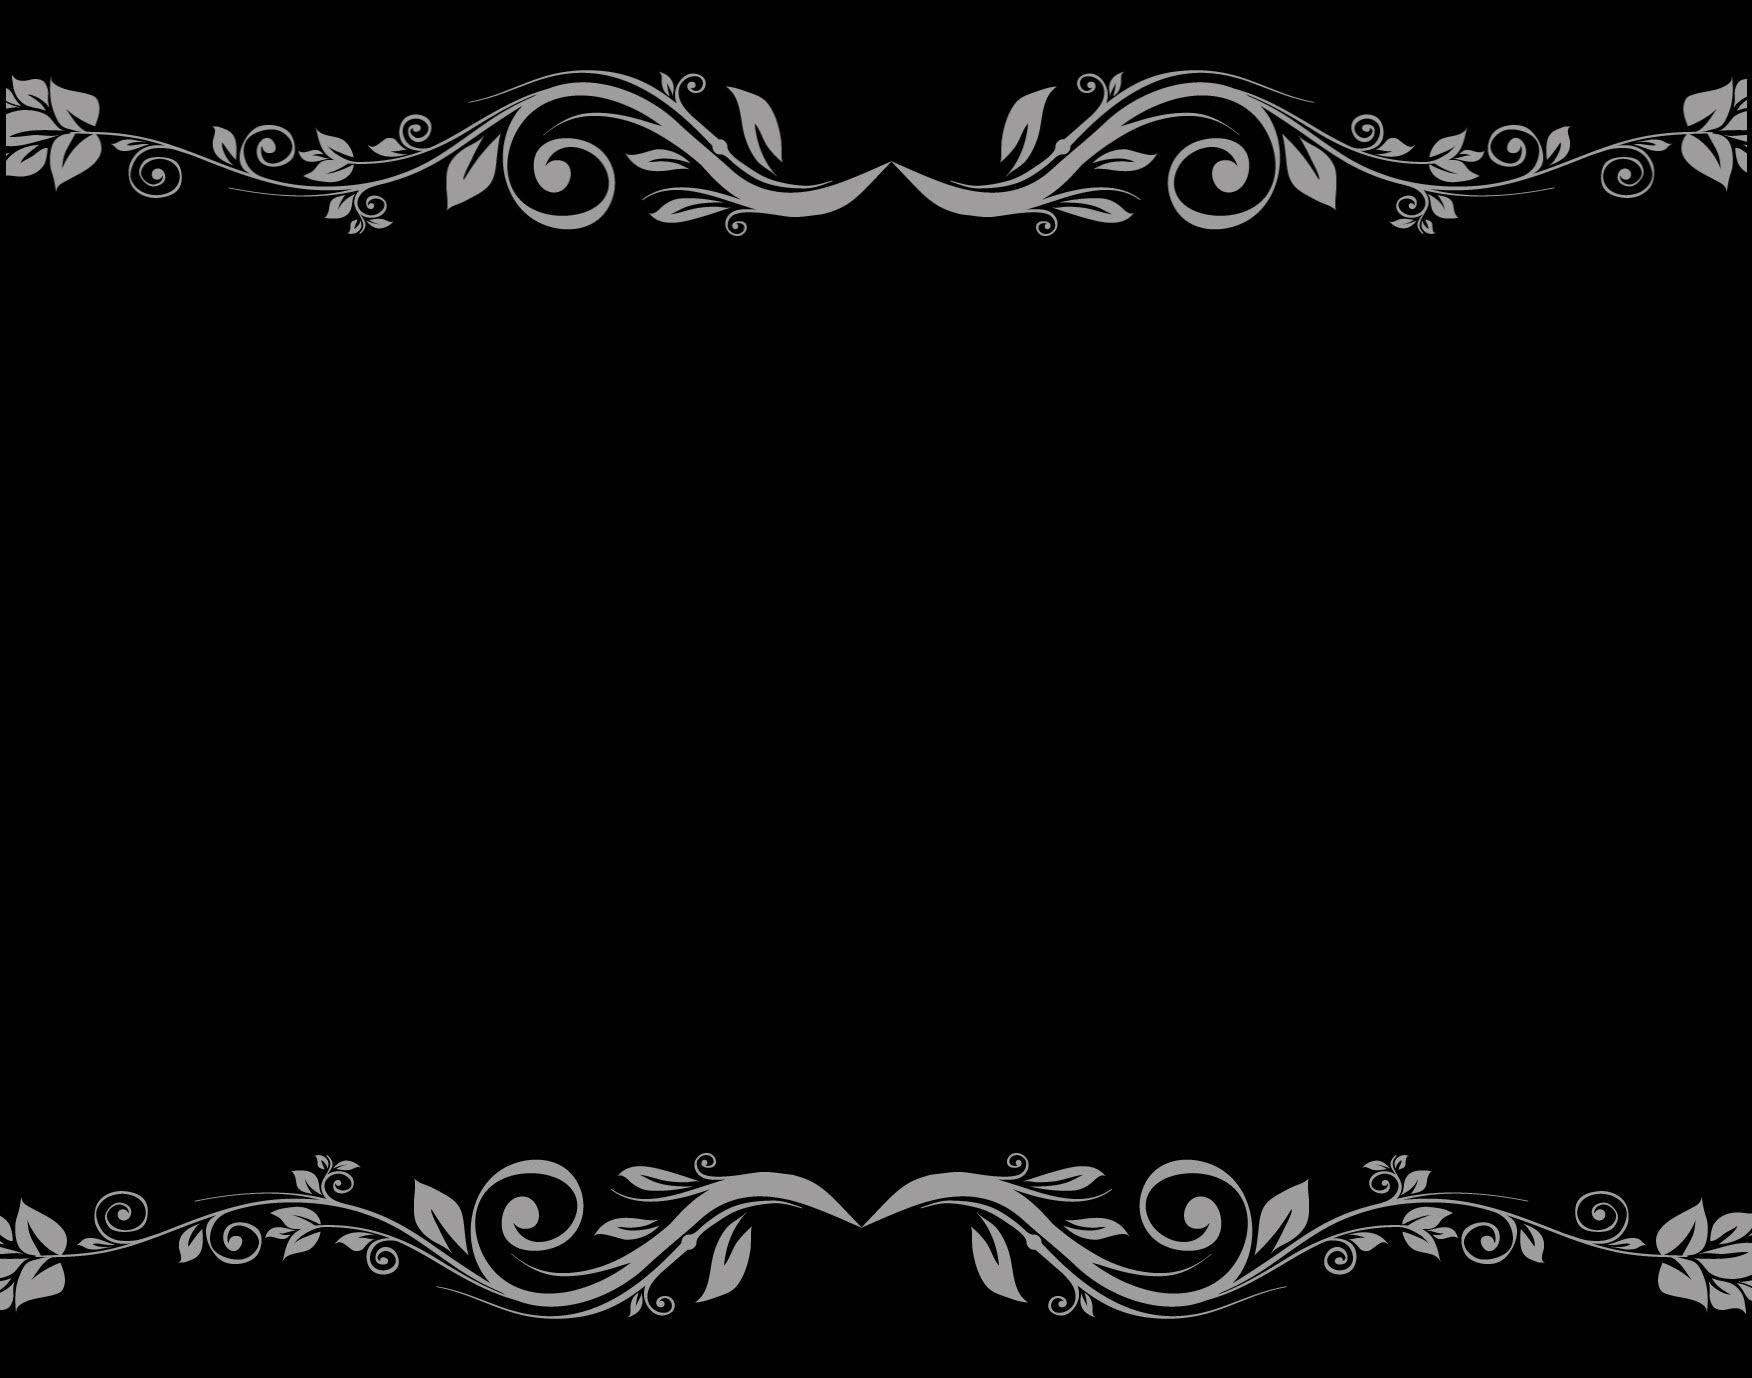 Hình nền đen đẹp nhất